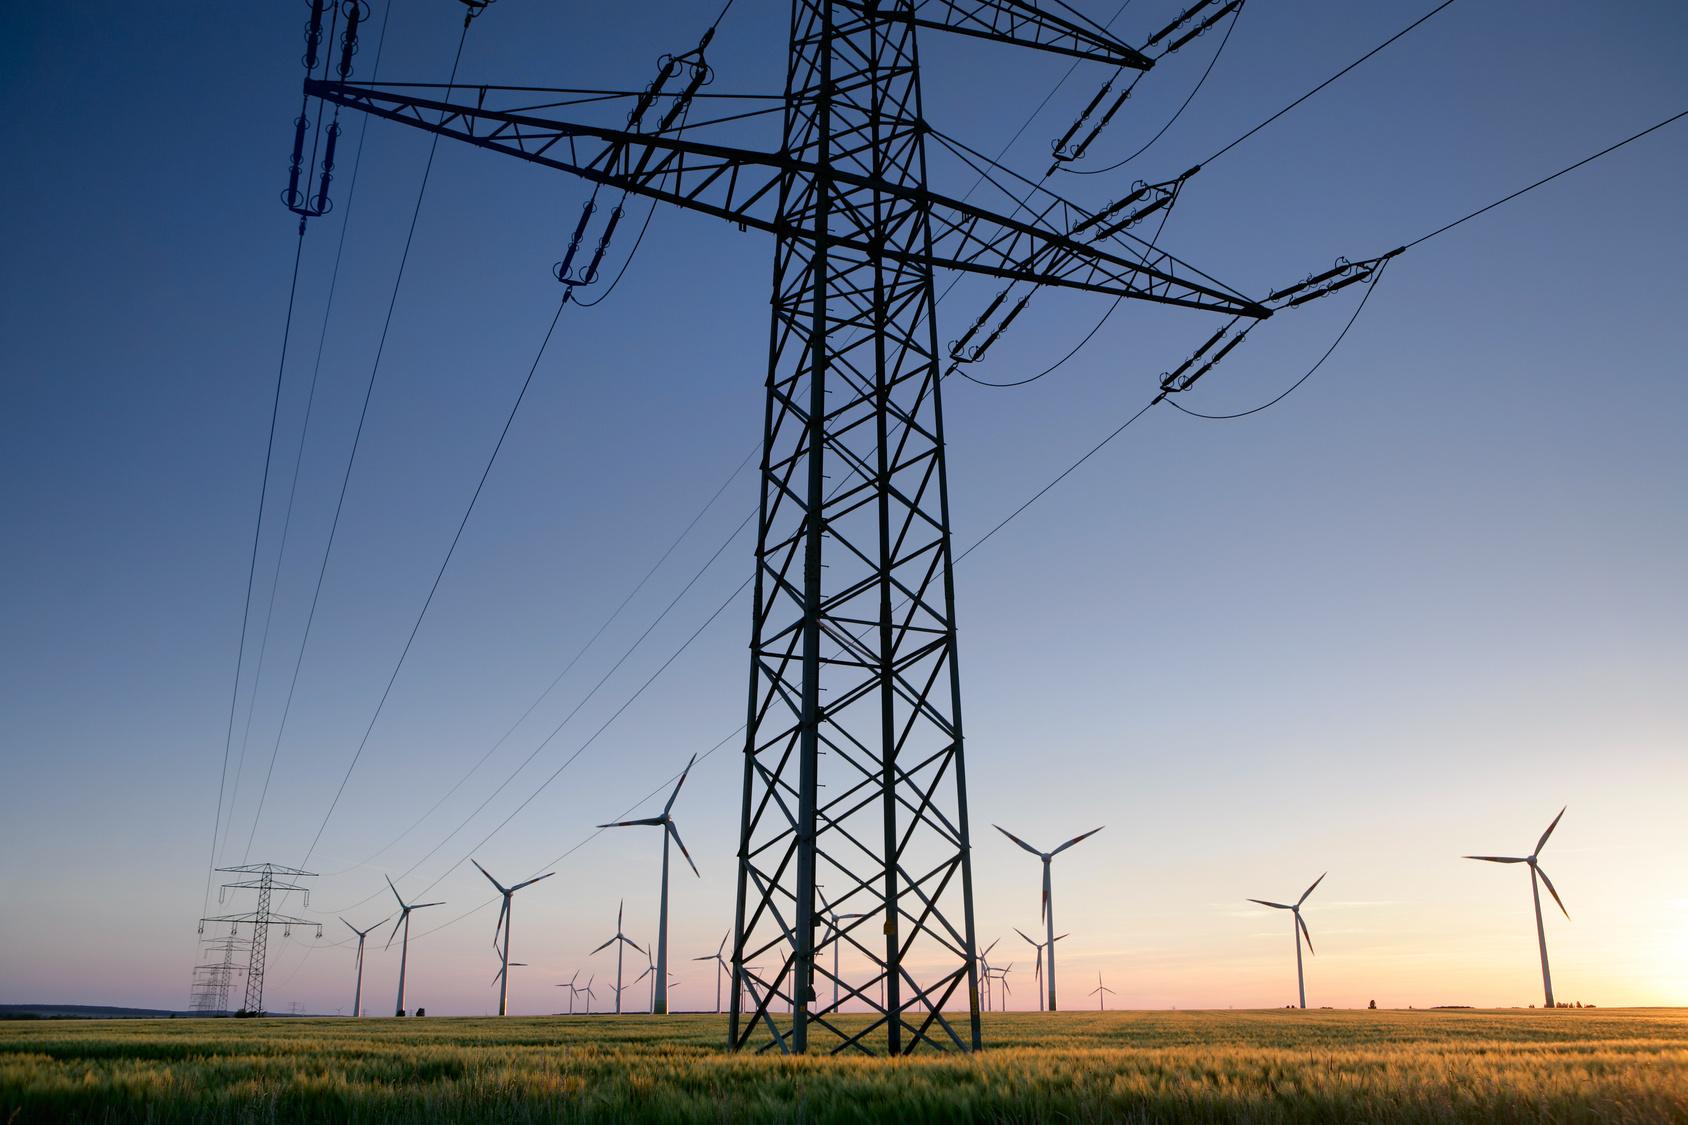 Strommast mit Windraedern